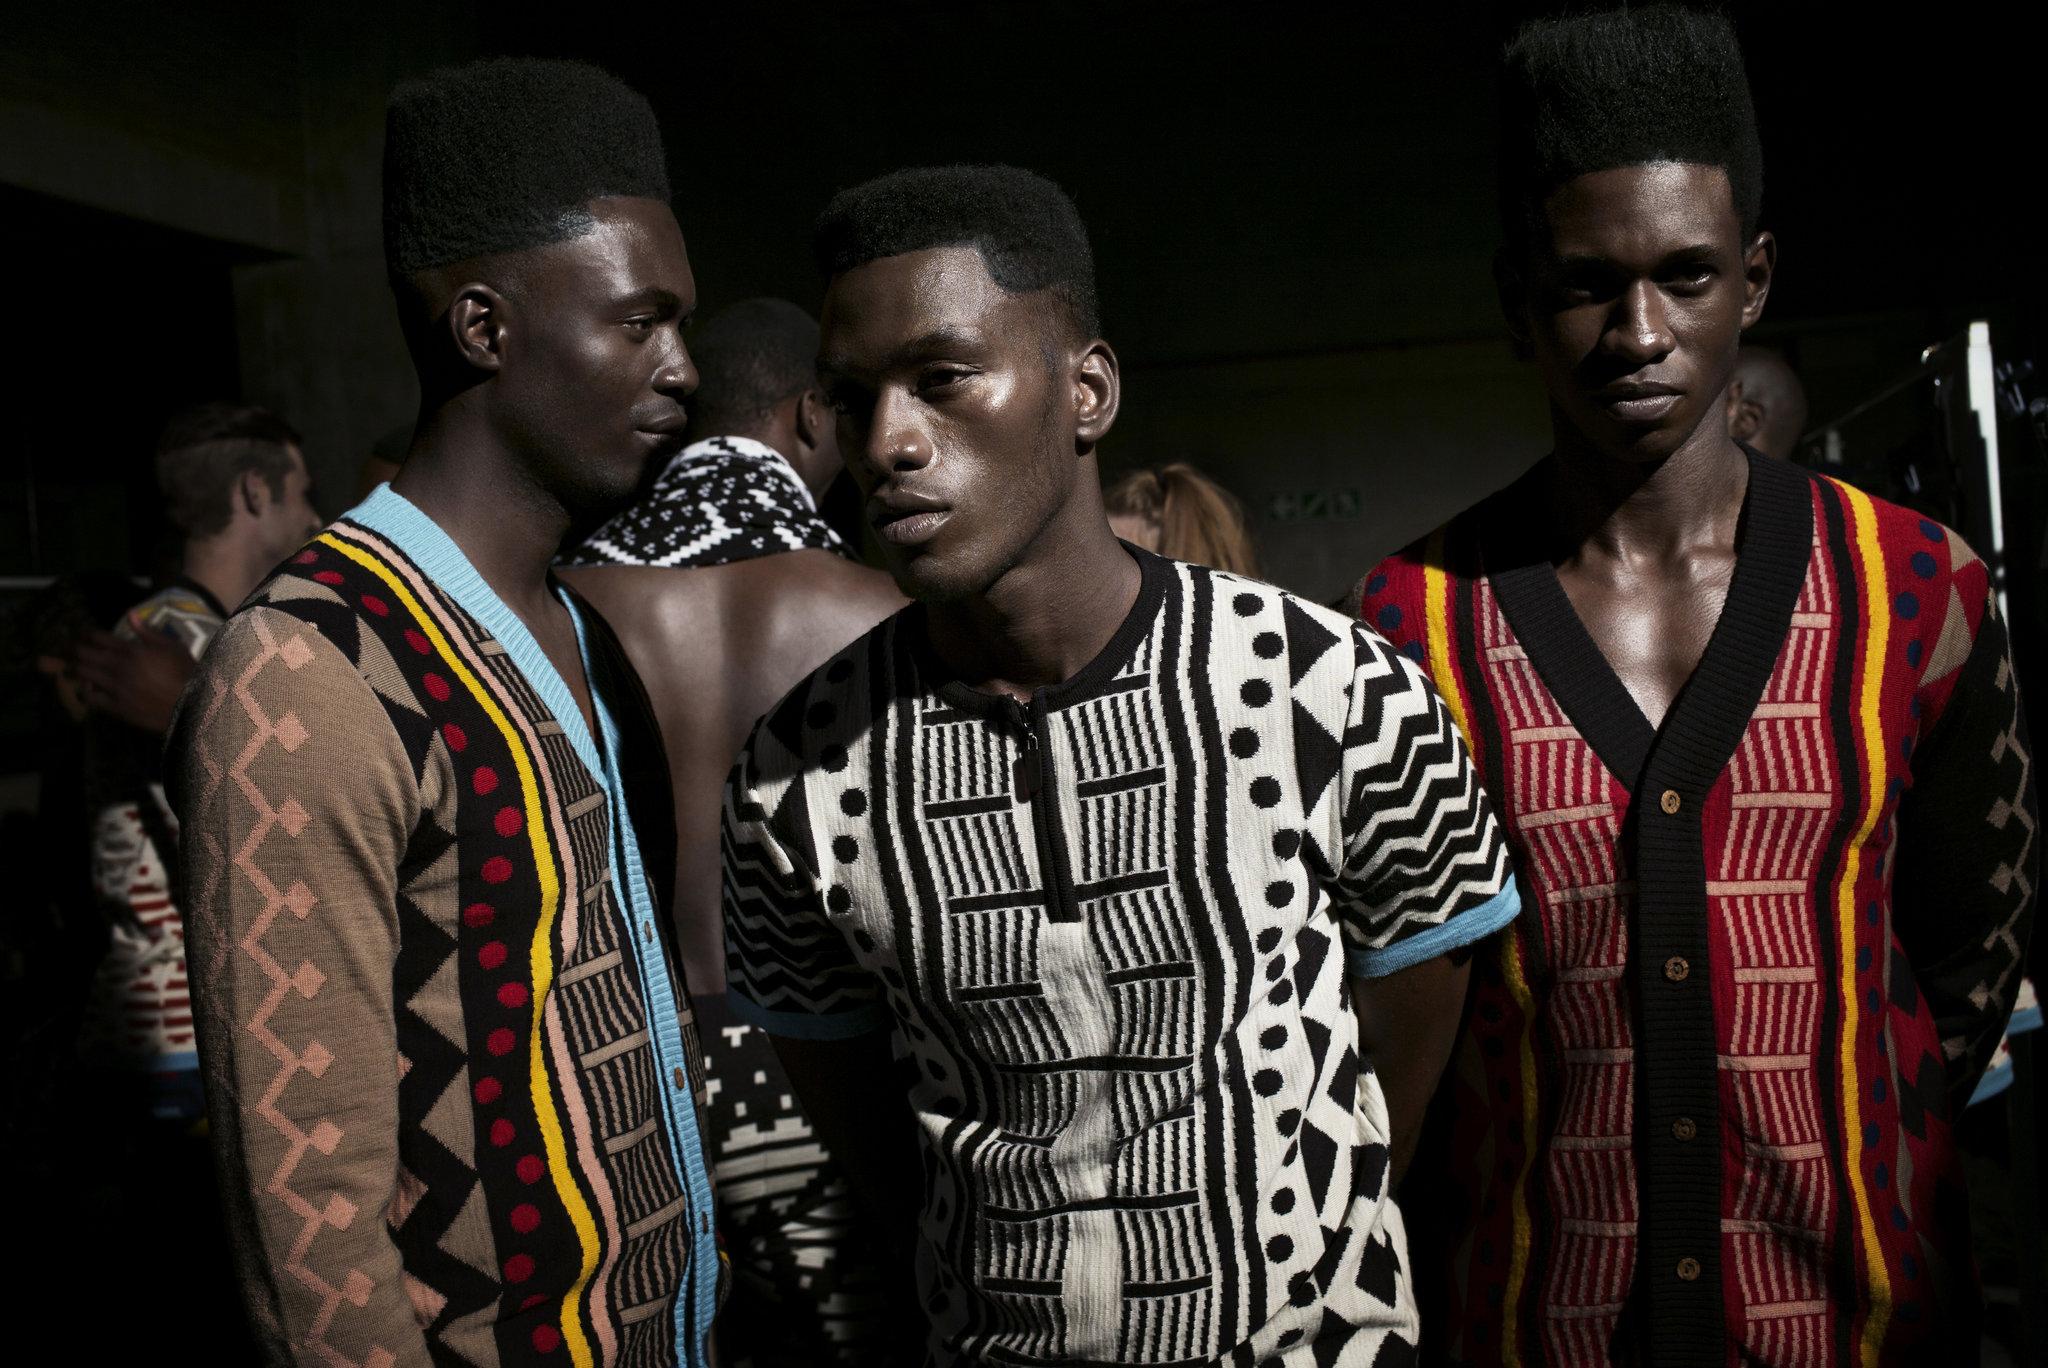 ملابس افريقية (2)